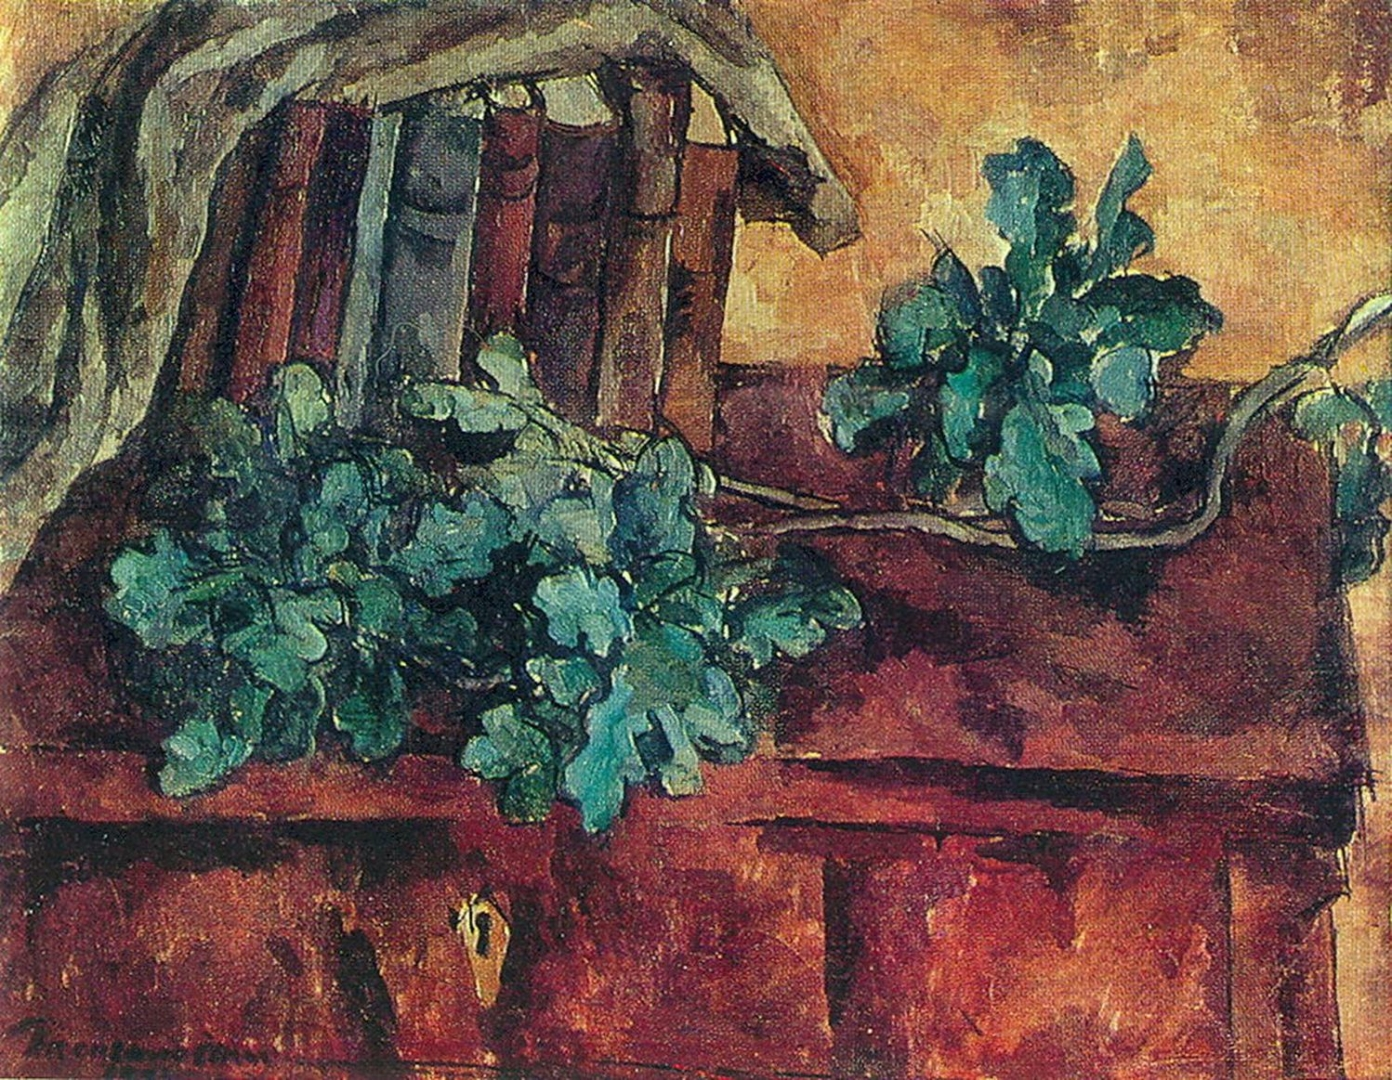 Петр Кончаловский. Натюрморт. Дубовая ветка. 1921